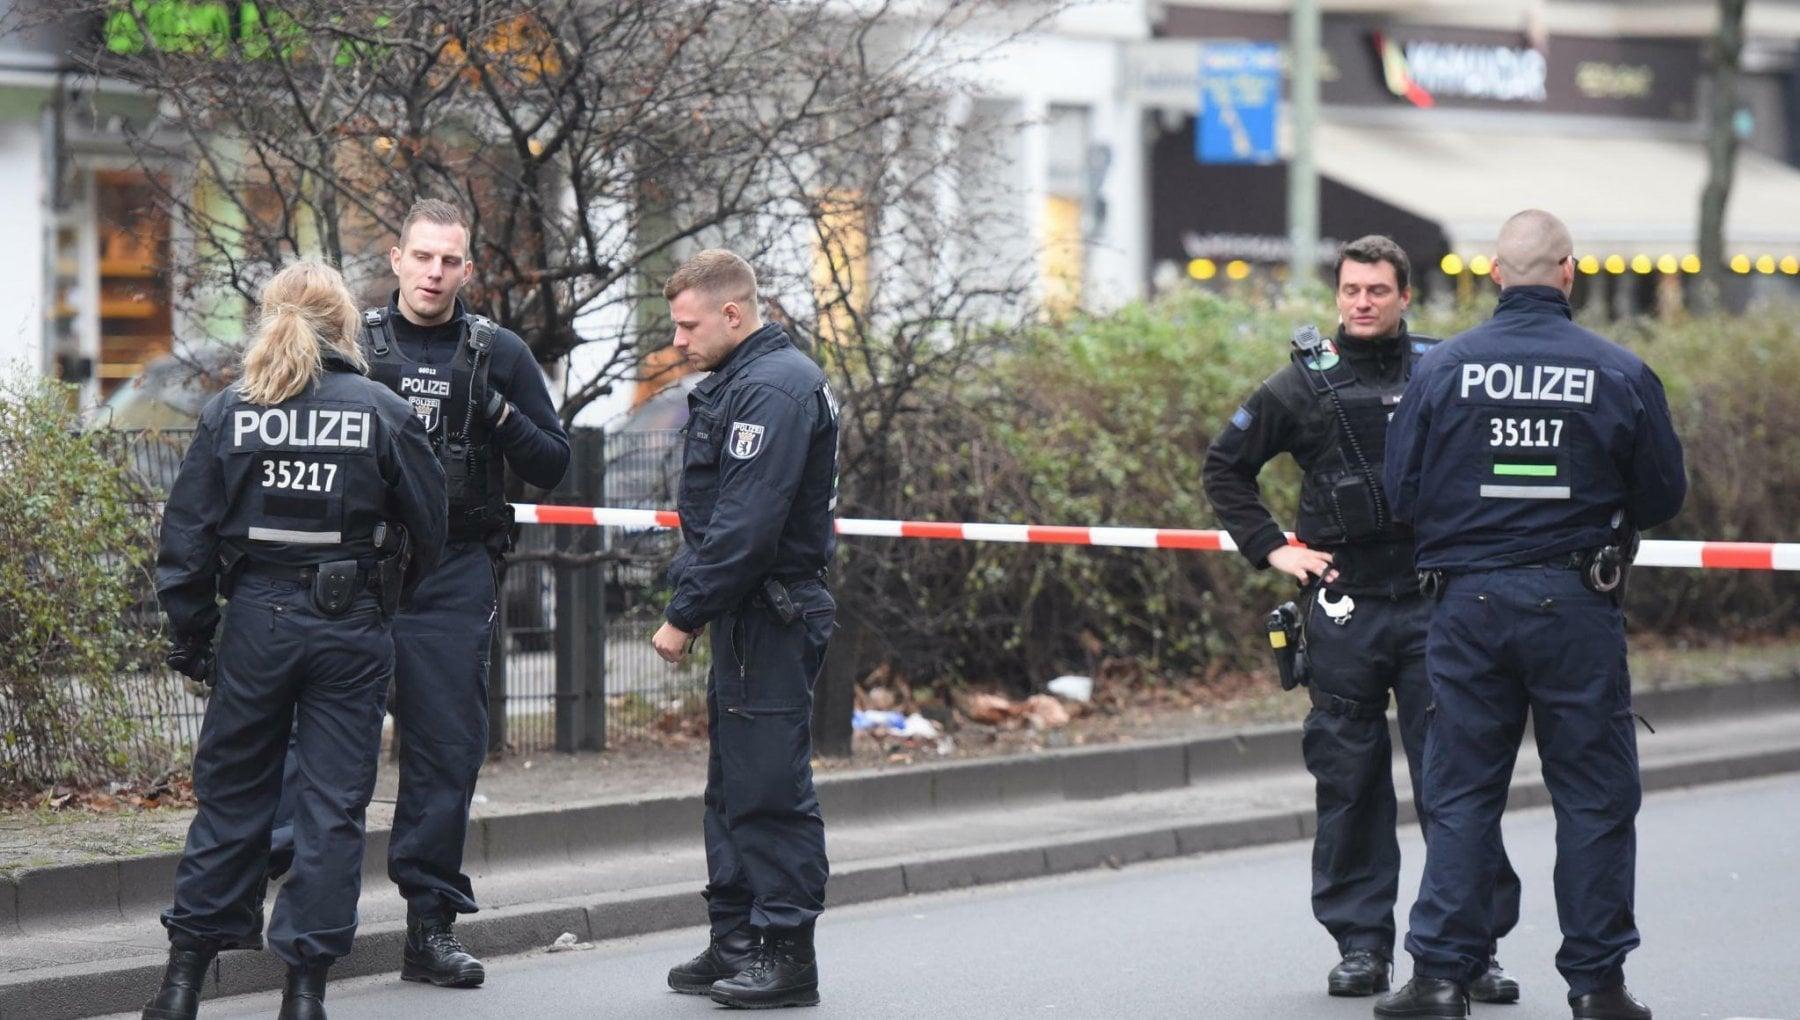 074911145 4f84bf71 f735 4e9f bb4c 9db81ac62827 - Sparatoria a Berlino: quattro feriti gravi. Ancora ignoti i motivi